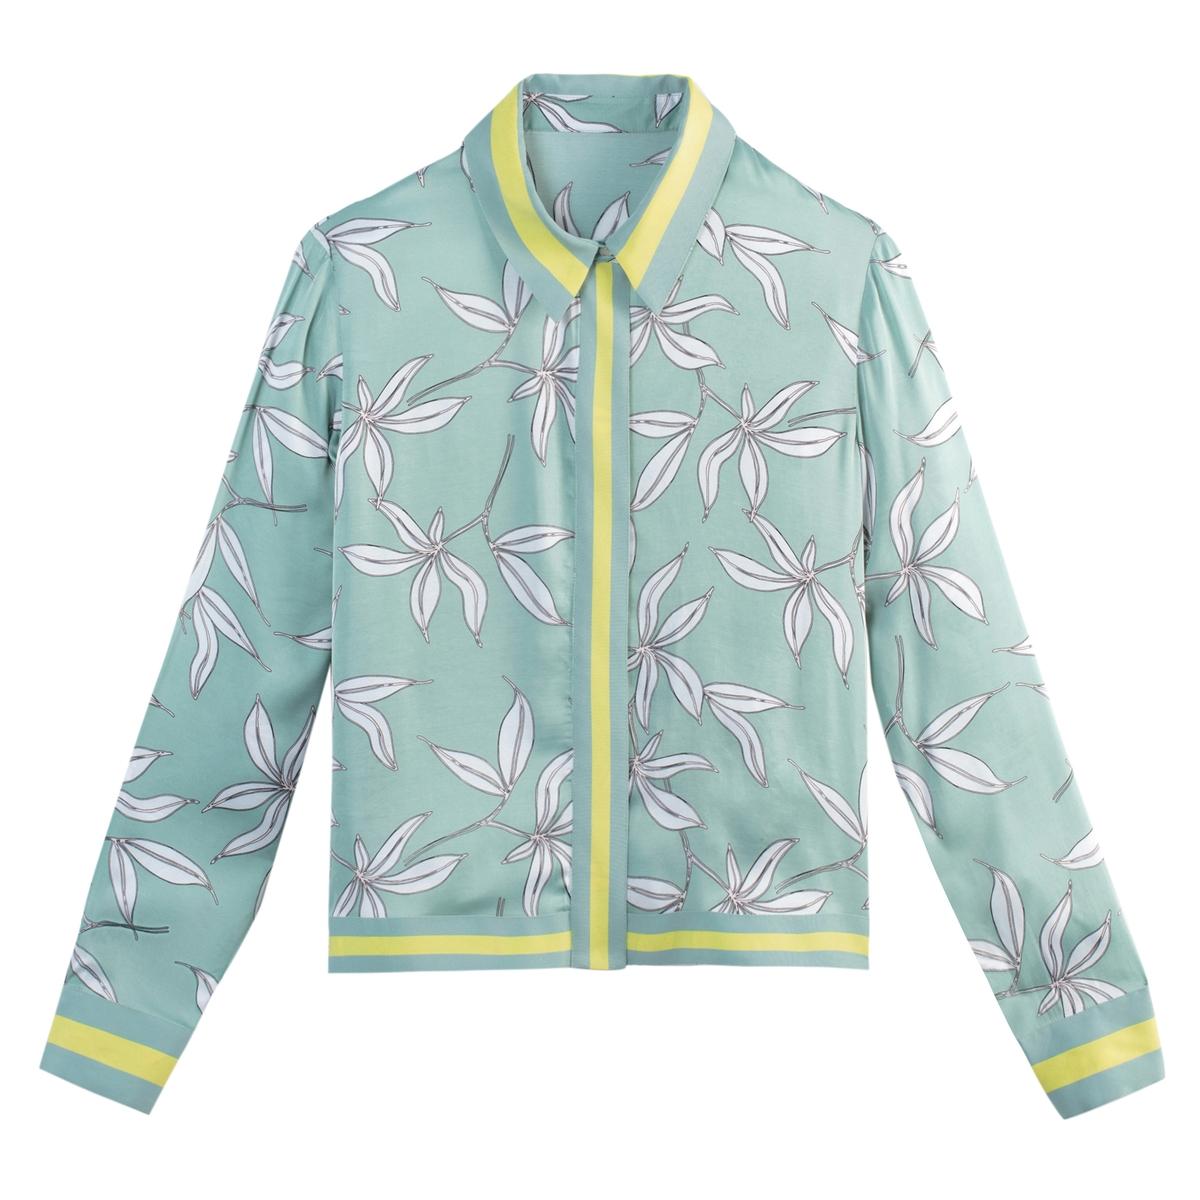 Camisa com estampado floral, mangas compridas